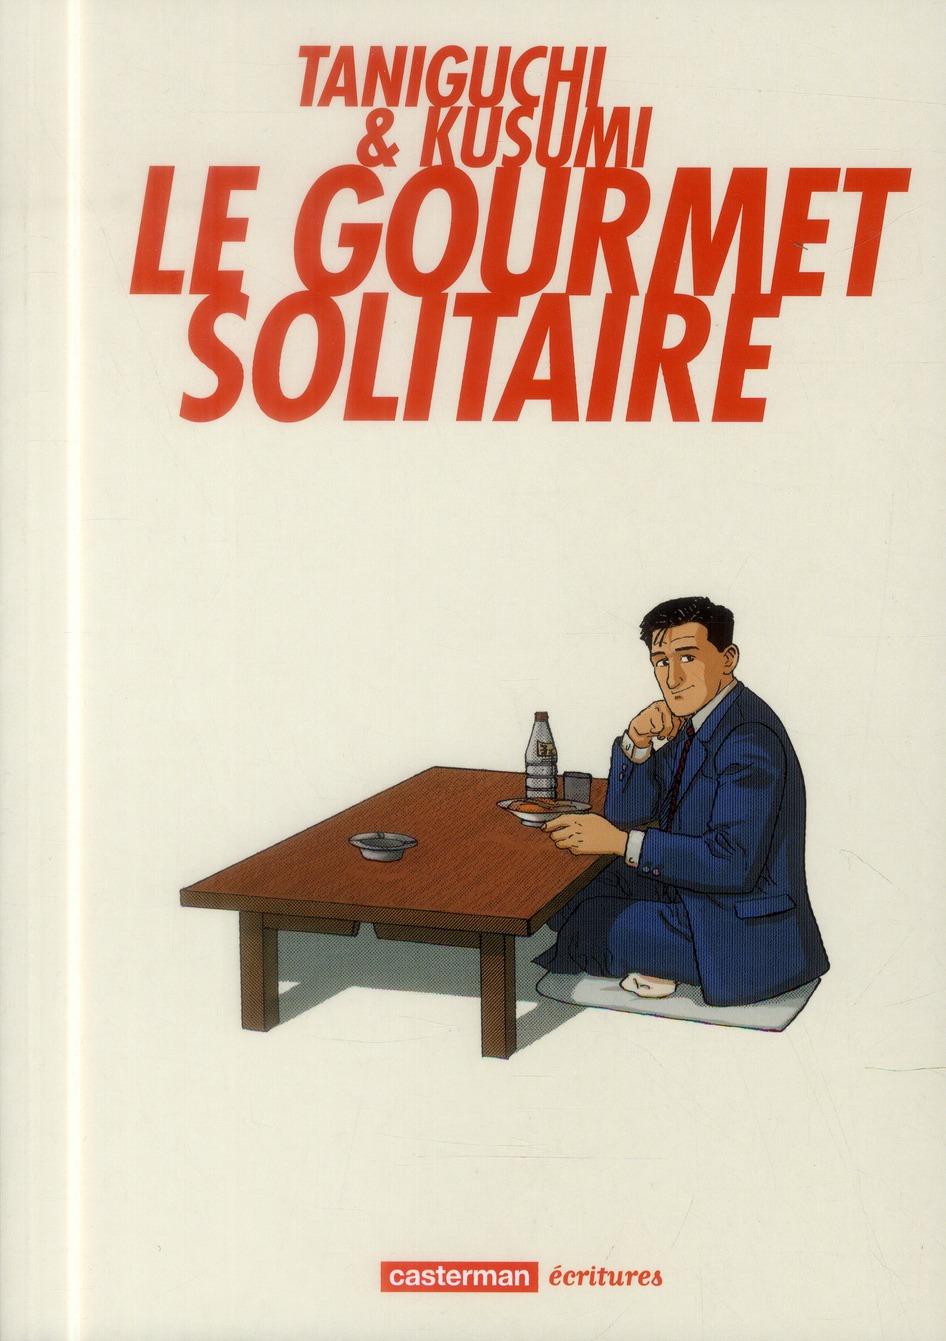 LE GOURMET SOLITAIRE